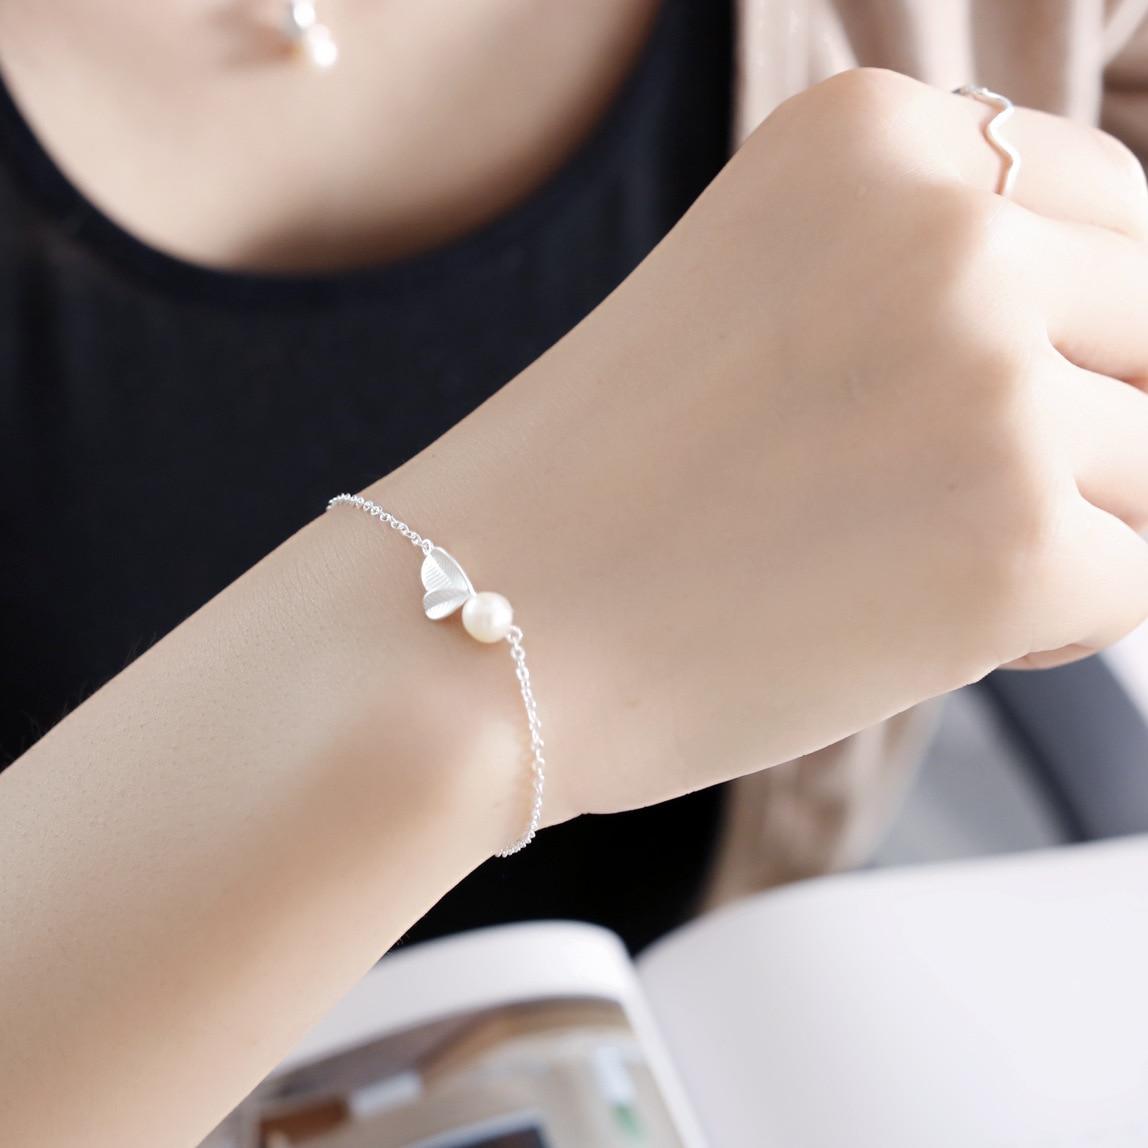 leaf pearl bracelet 100% 925 Sterling Silver Jewelry fashion hypoallergenic bracelets for women gift